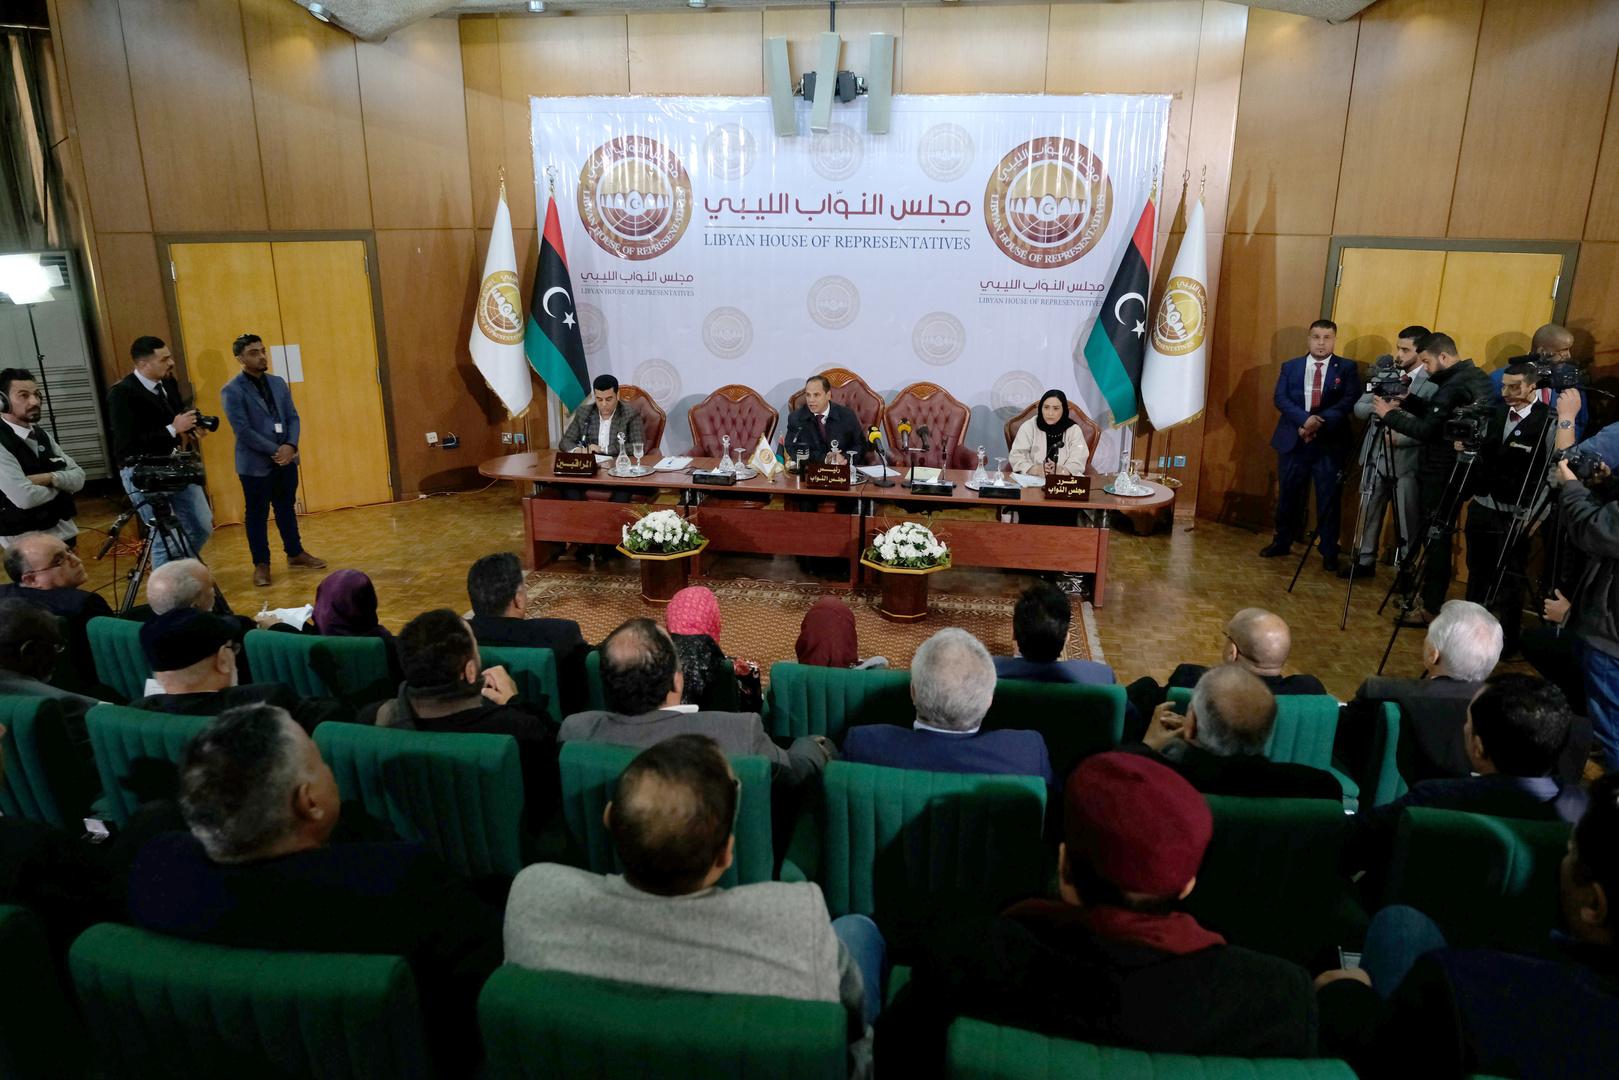 مجلس النواب الليبي: روسيا اتخذت موقفا جادا لعودة ليبيا كما كانت